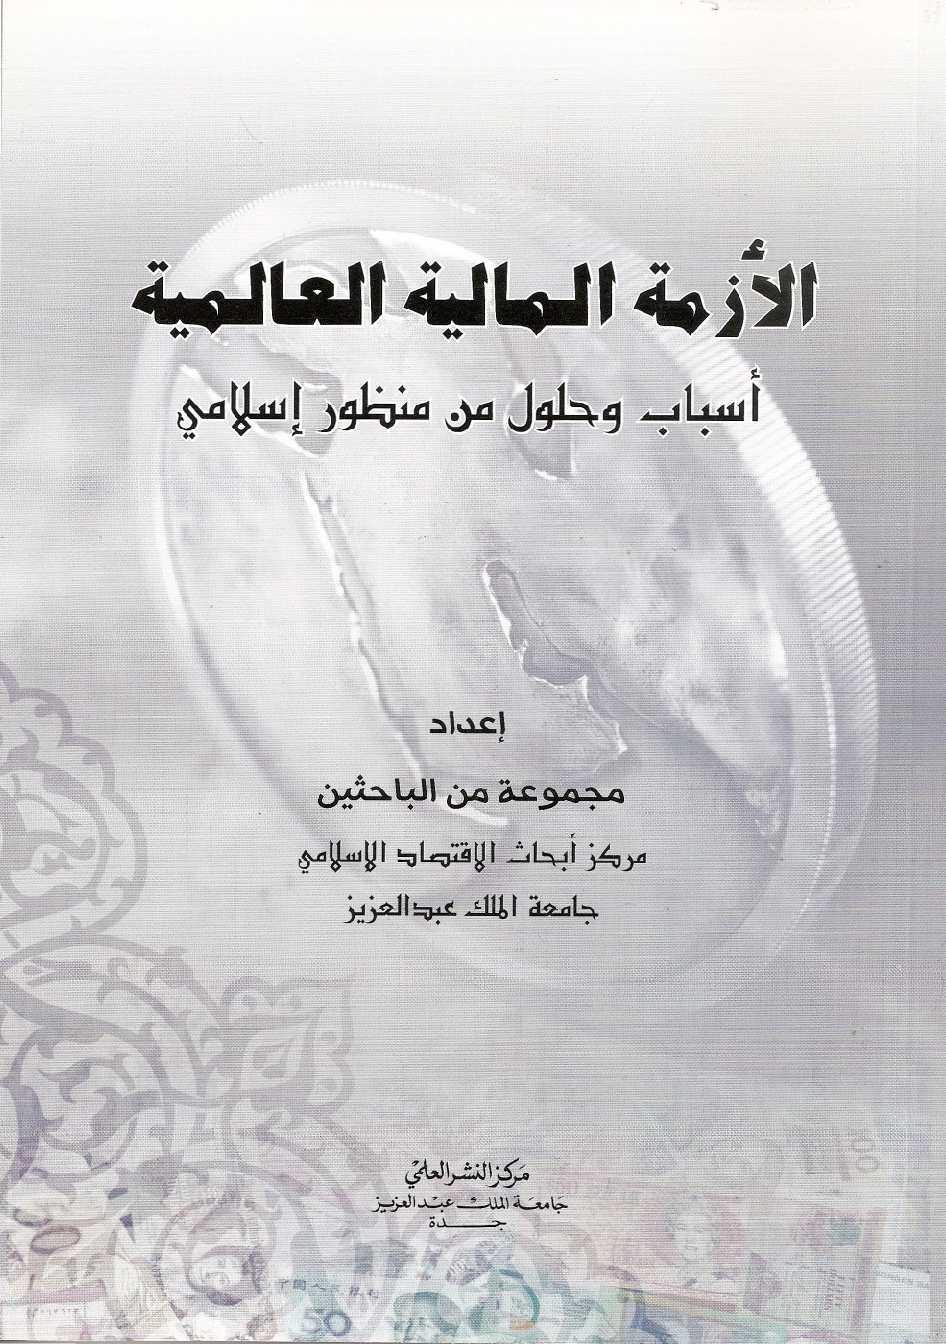 كتاب الأزمة المالية العالمية اسباب وحلول من منظور اسلامي